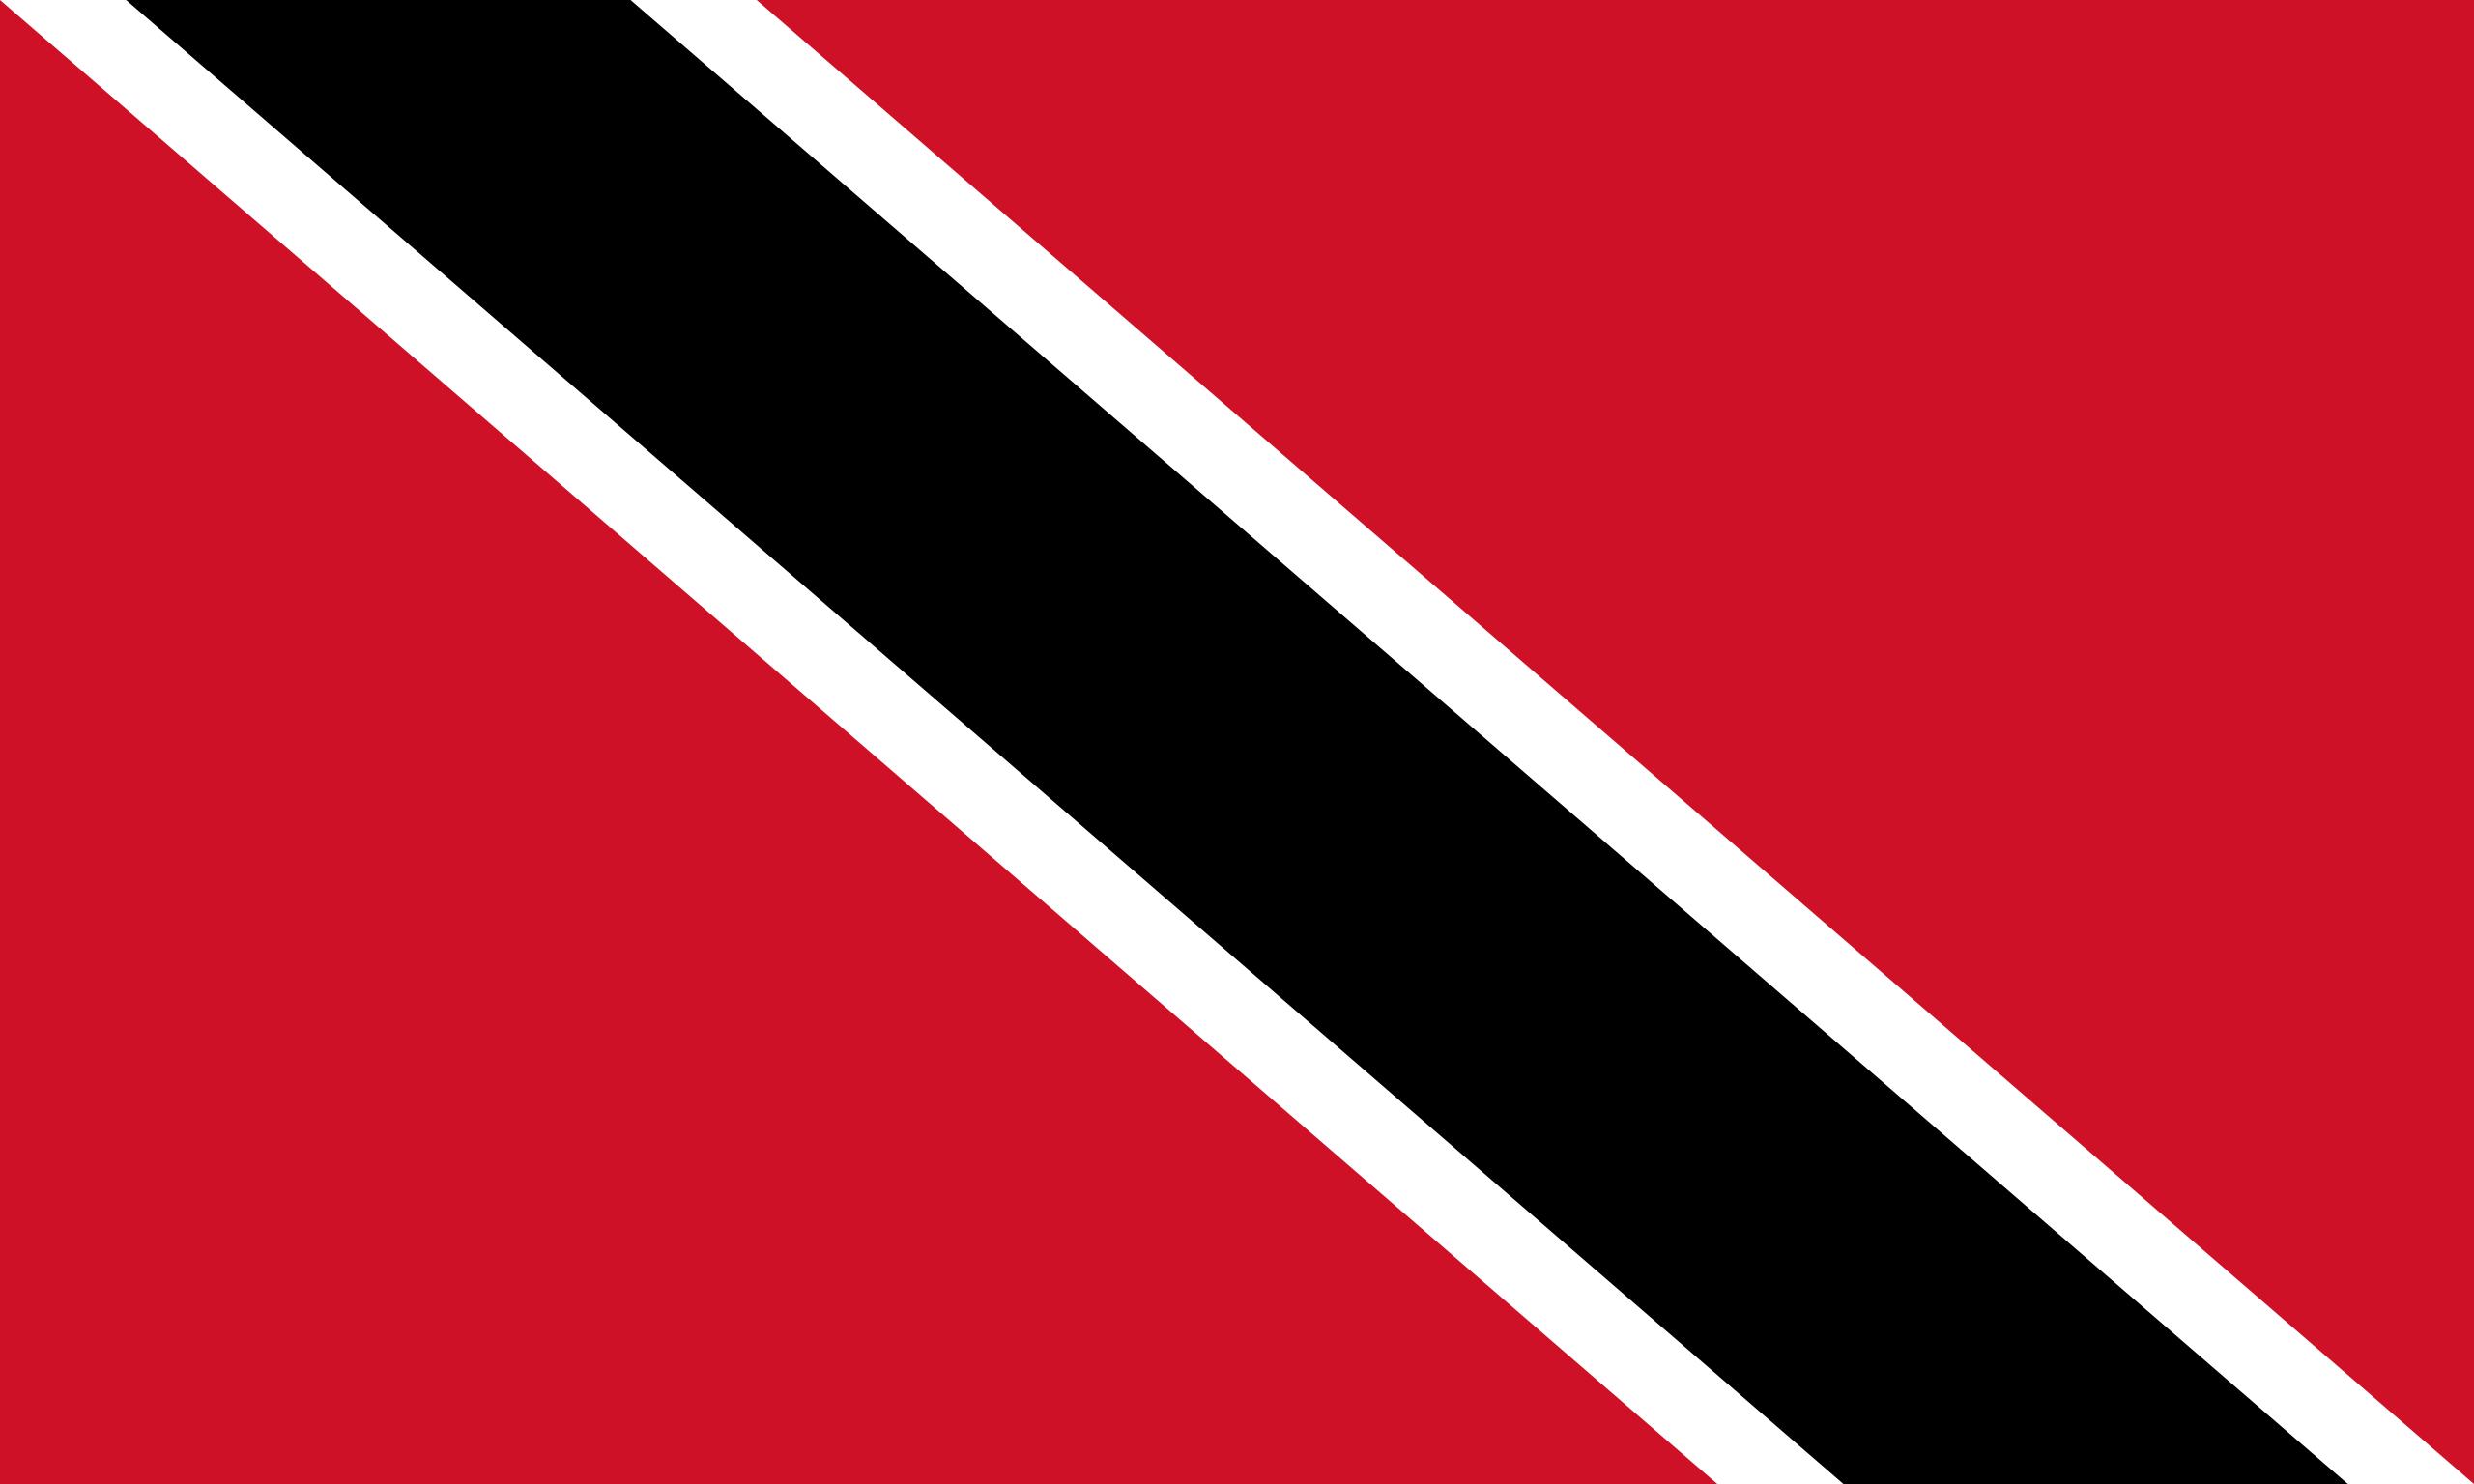 trinidad y tobago, 国家, 会徽, 徽标, 符号 - 高清壁纸 - 教授-falken.com